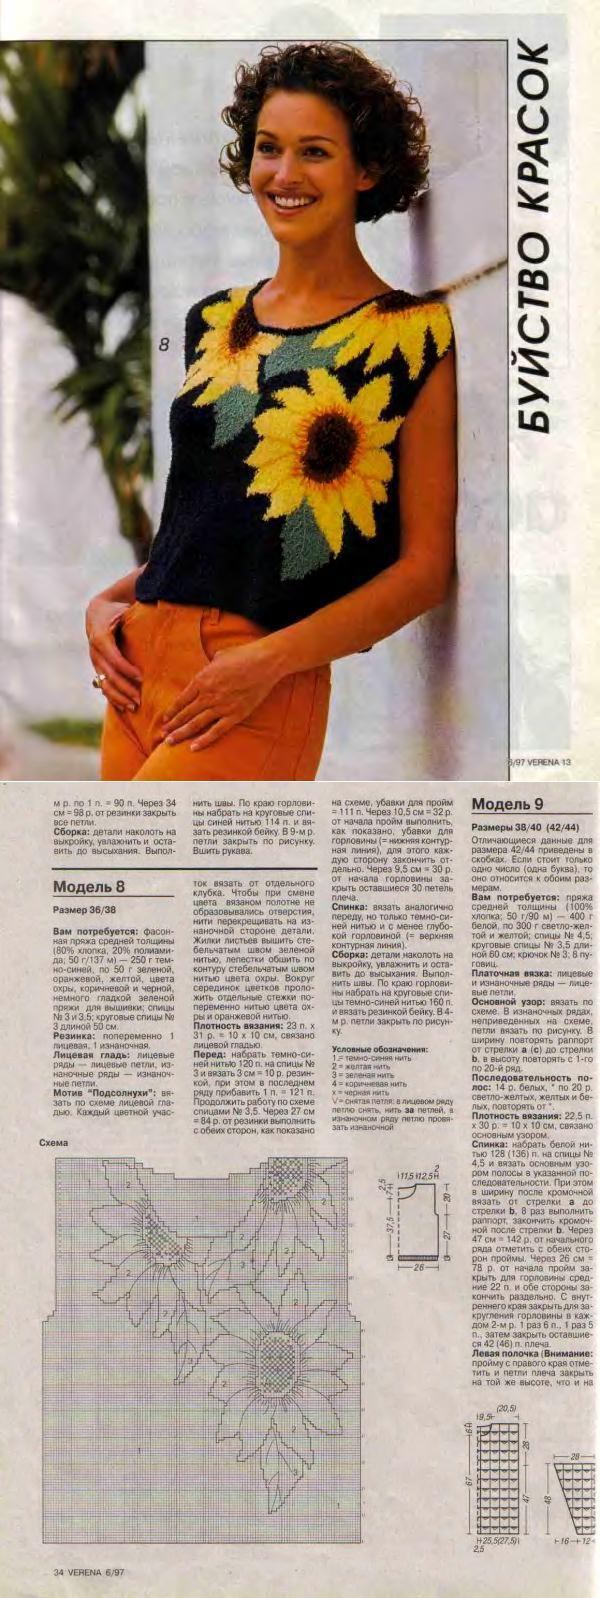 提花针织衫 - 蕾妮的日志 - 网易博客 | вязание(жаккард,вышивка) | Постила